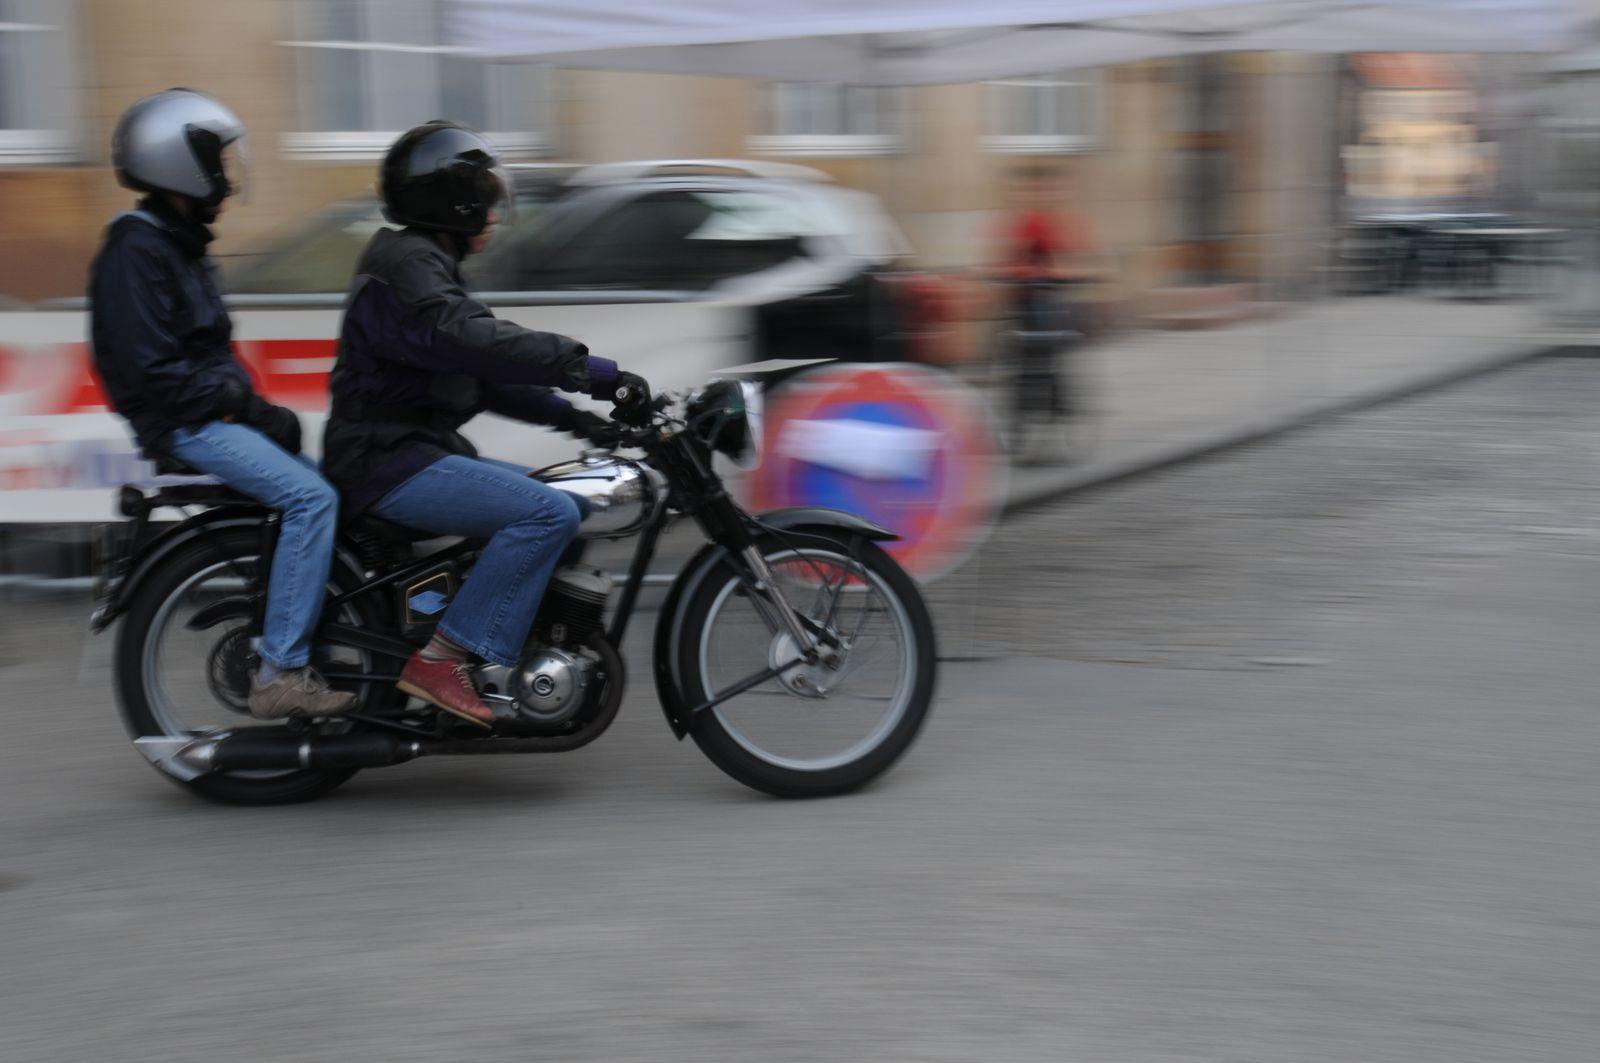 1° Randonnée Internationale Rétro Moto de Molsheim. Dimanche 26 avril 2009.